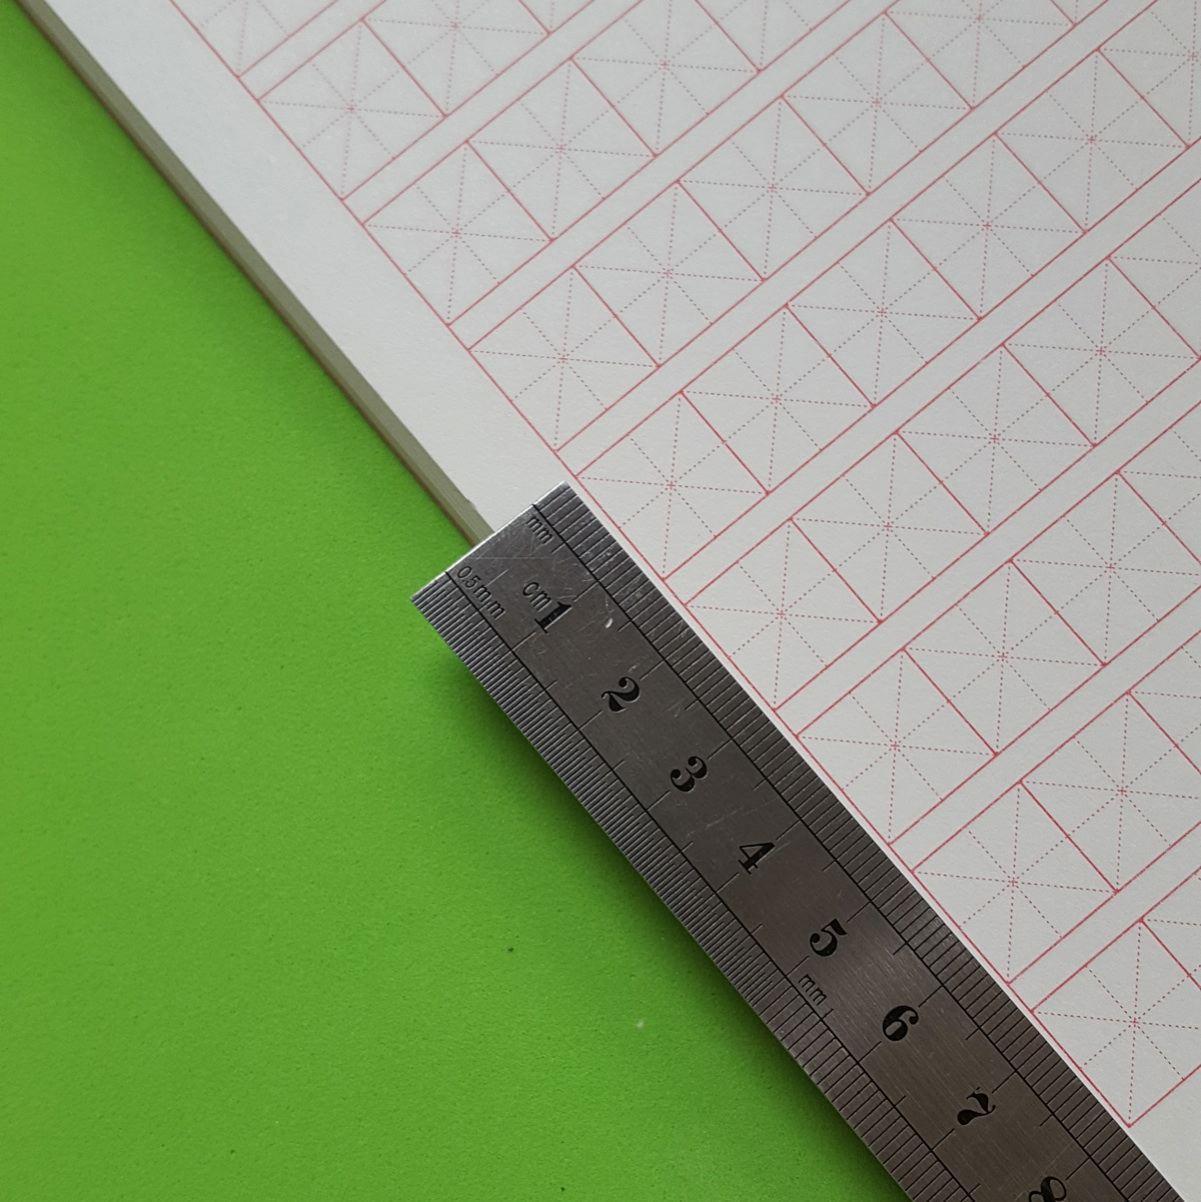 Тетрадь для написания иероглифов. Клетка 13 мм с диагональным пунктиром и полем для пиньинь. 15680 клеток